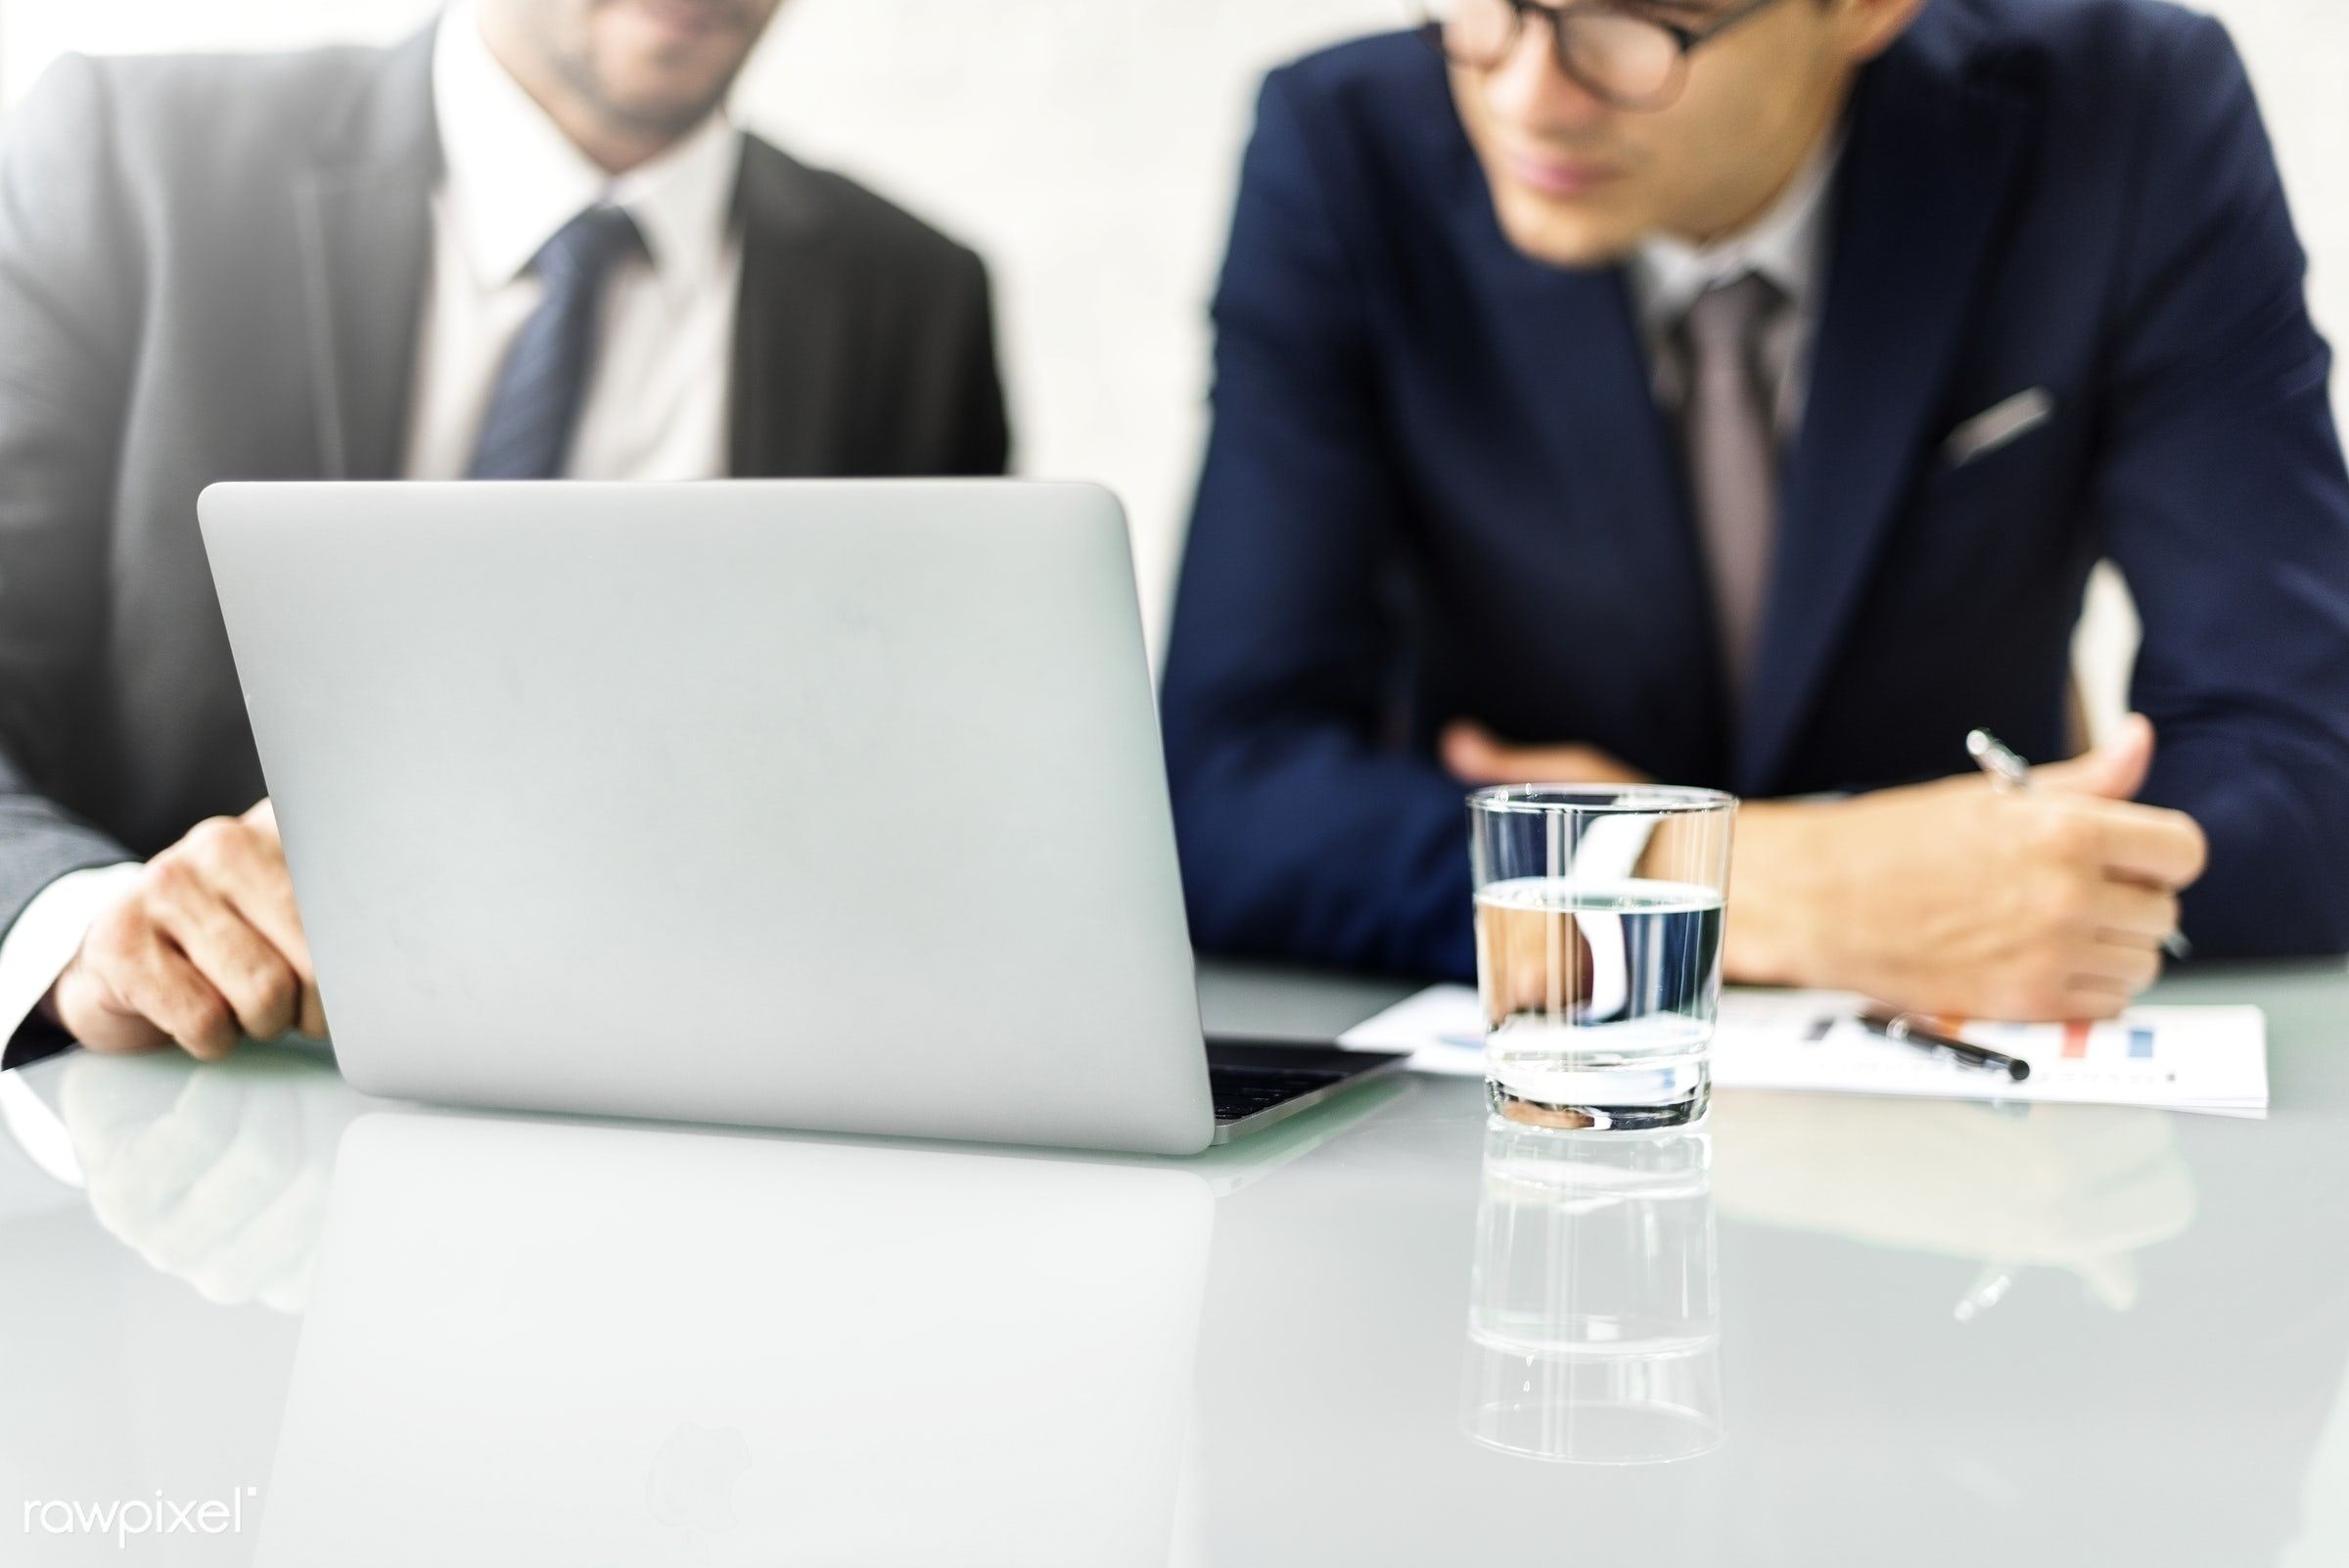 Coworkers team brainstorming - business meeting, study, analysis, brainstorming, business, business organization, business...